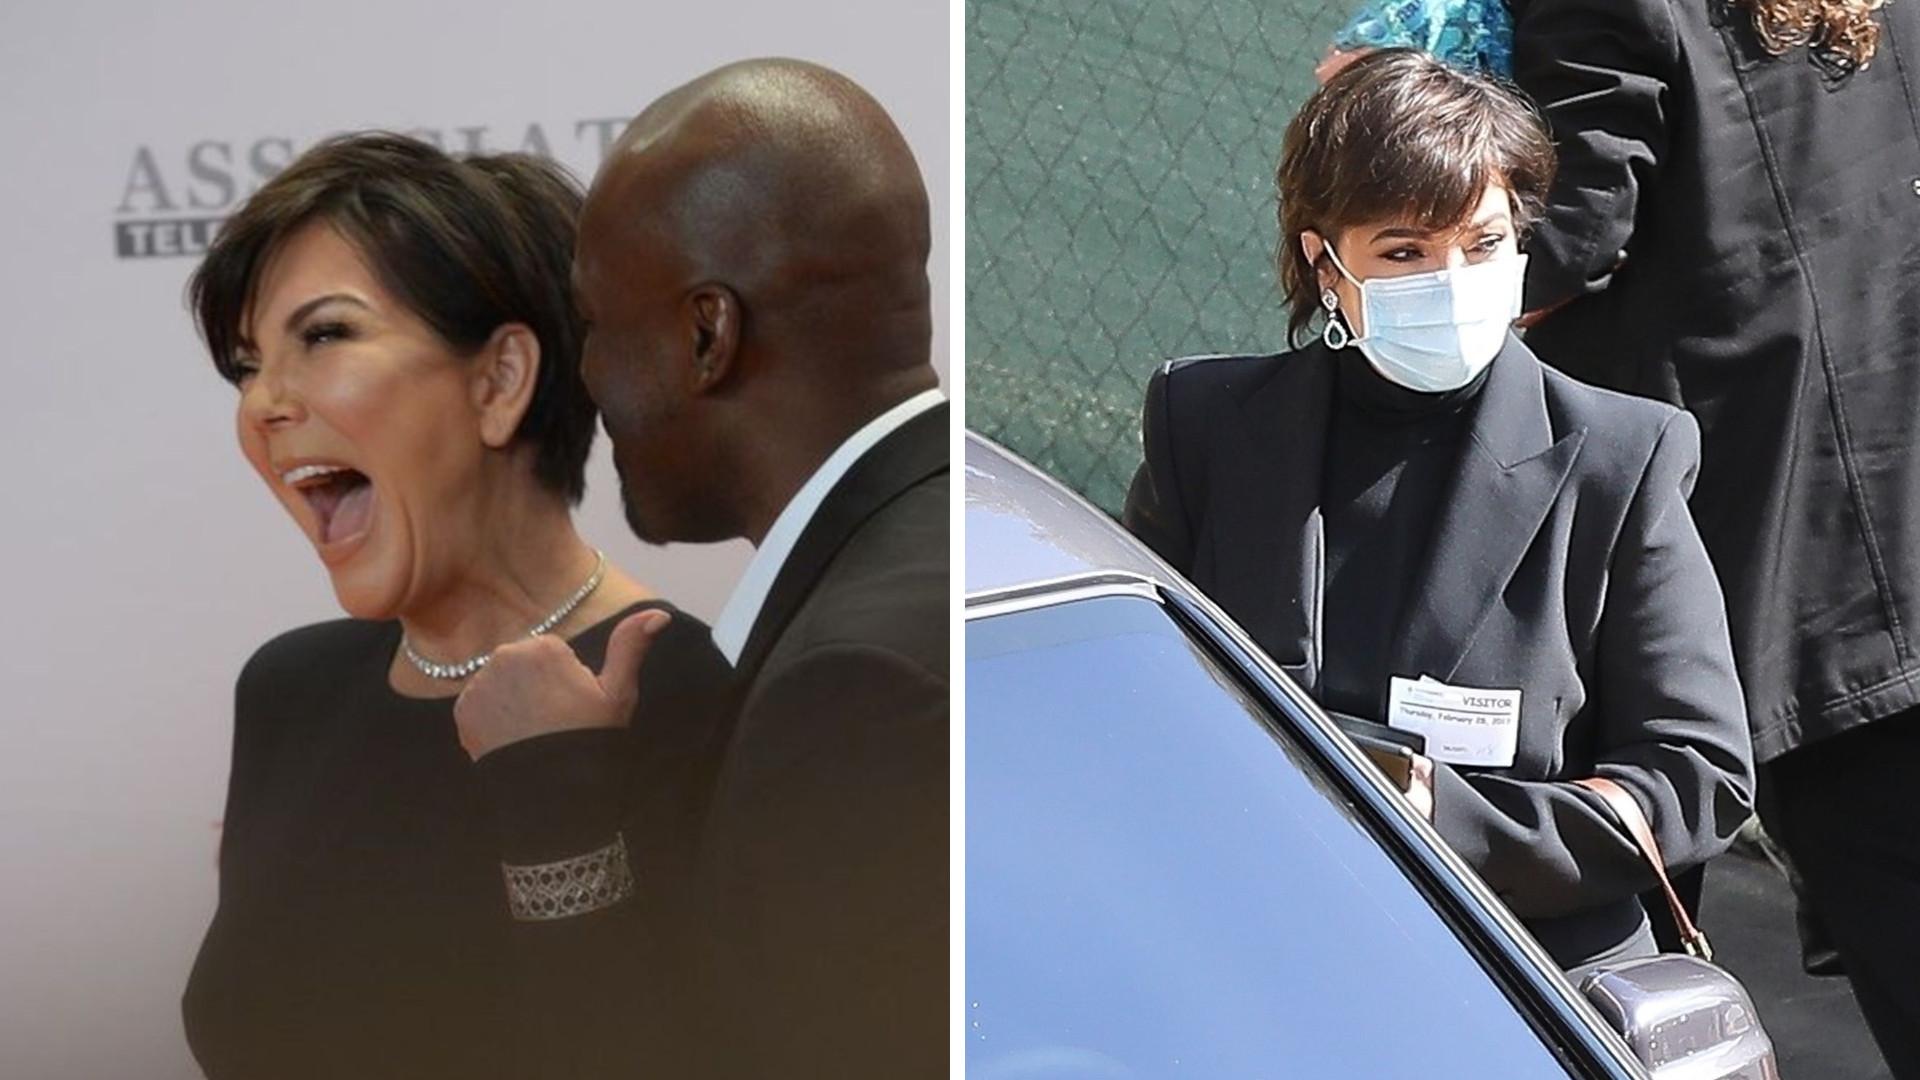 Kris Jenner ma nowe zarzuty. Chodzi o MOLESTOWANIE seksualne